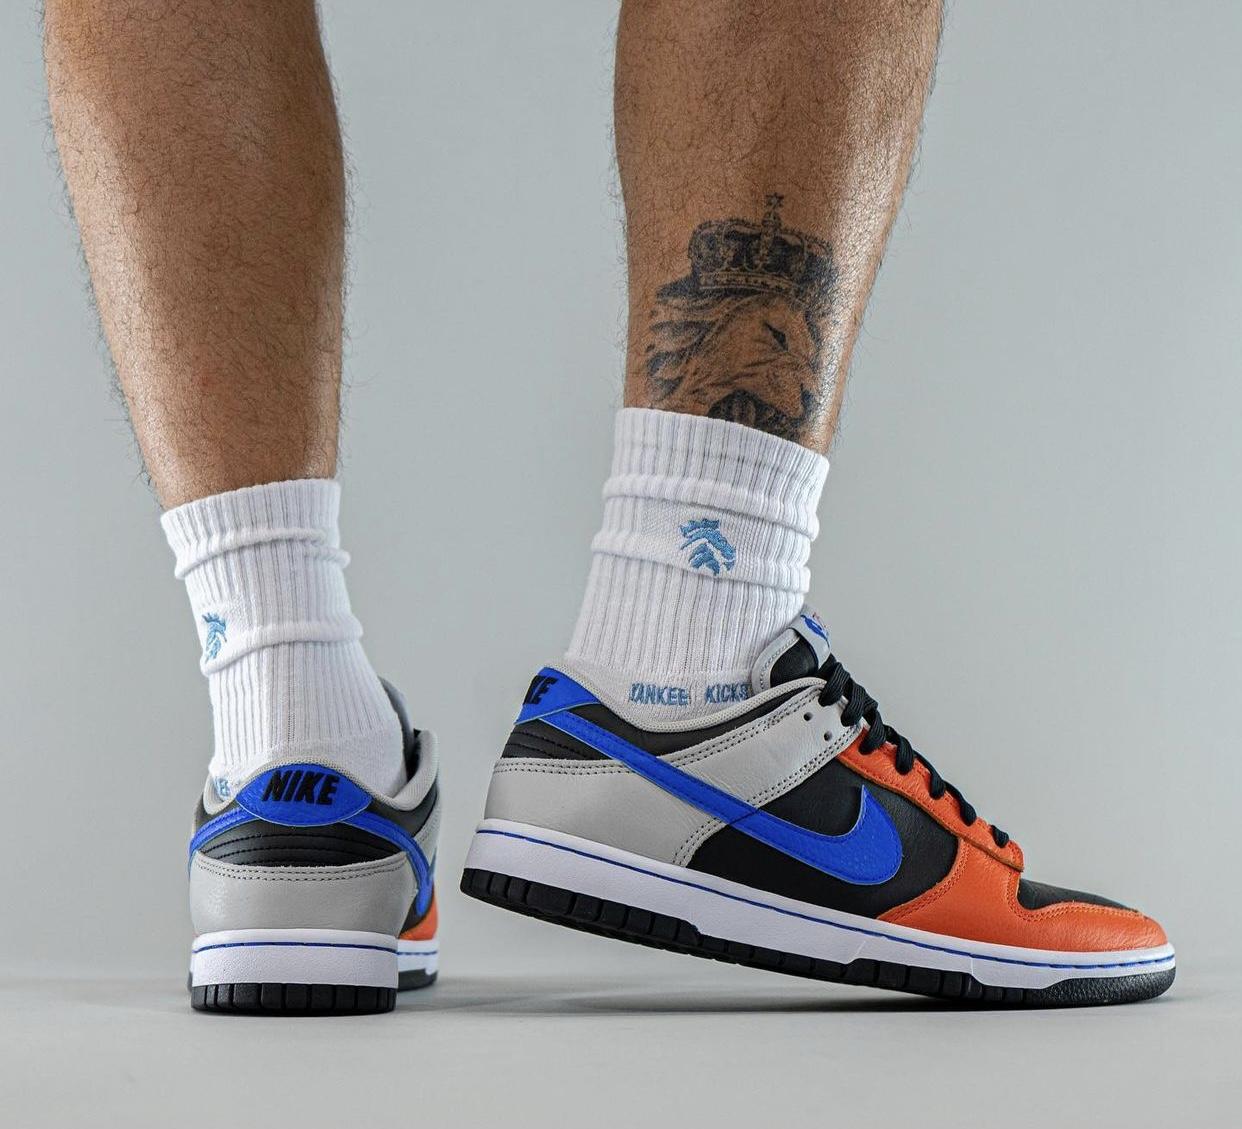 NBA Nike Dunk Low Knicks 75th Anniversary DD3363-002 On-Feet